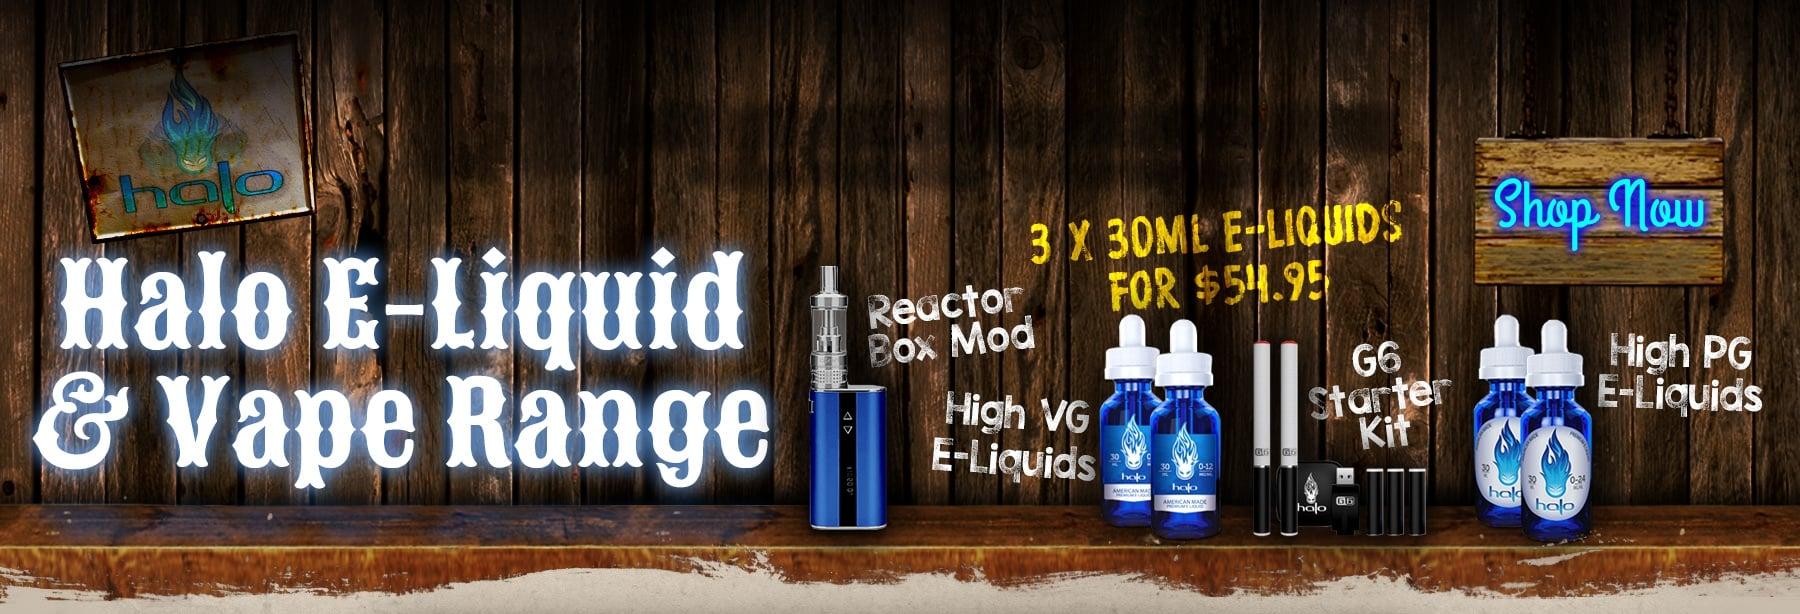 Halo E-Liquid & Vape Range